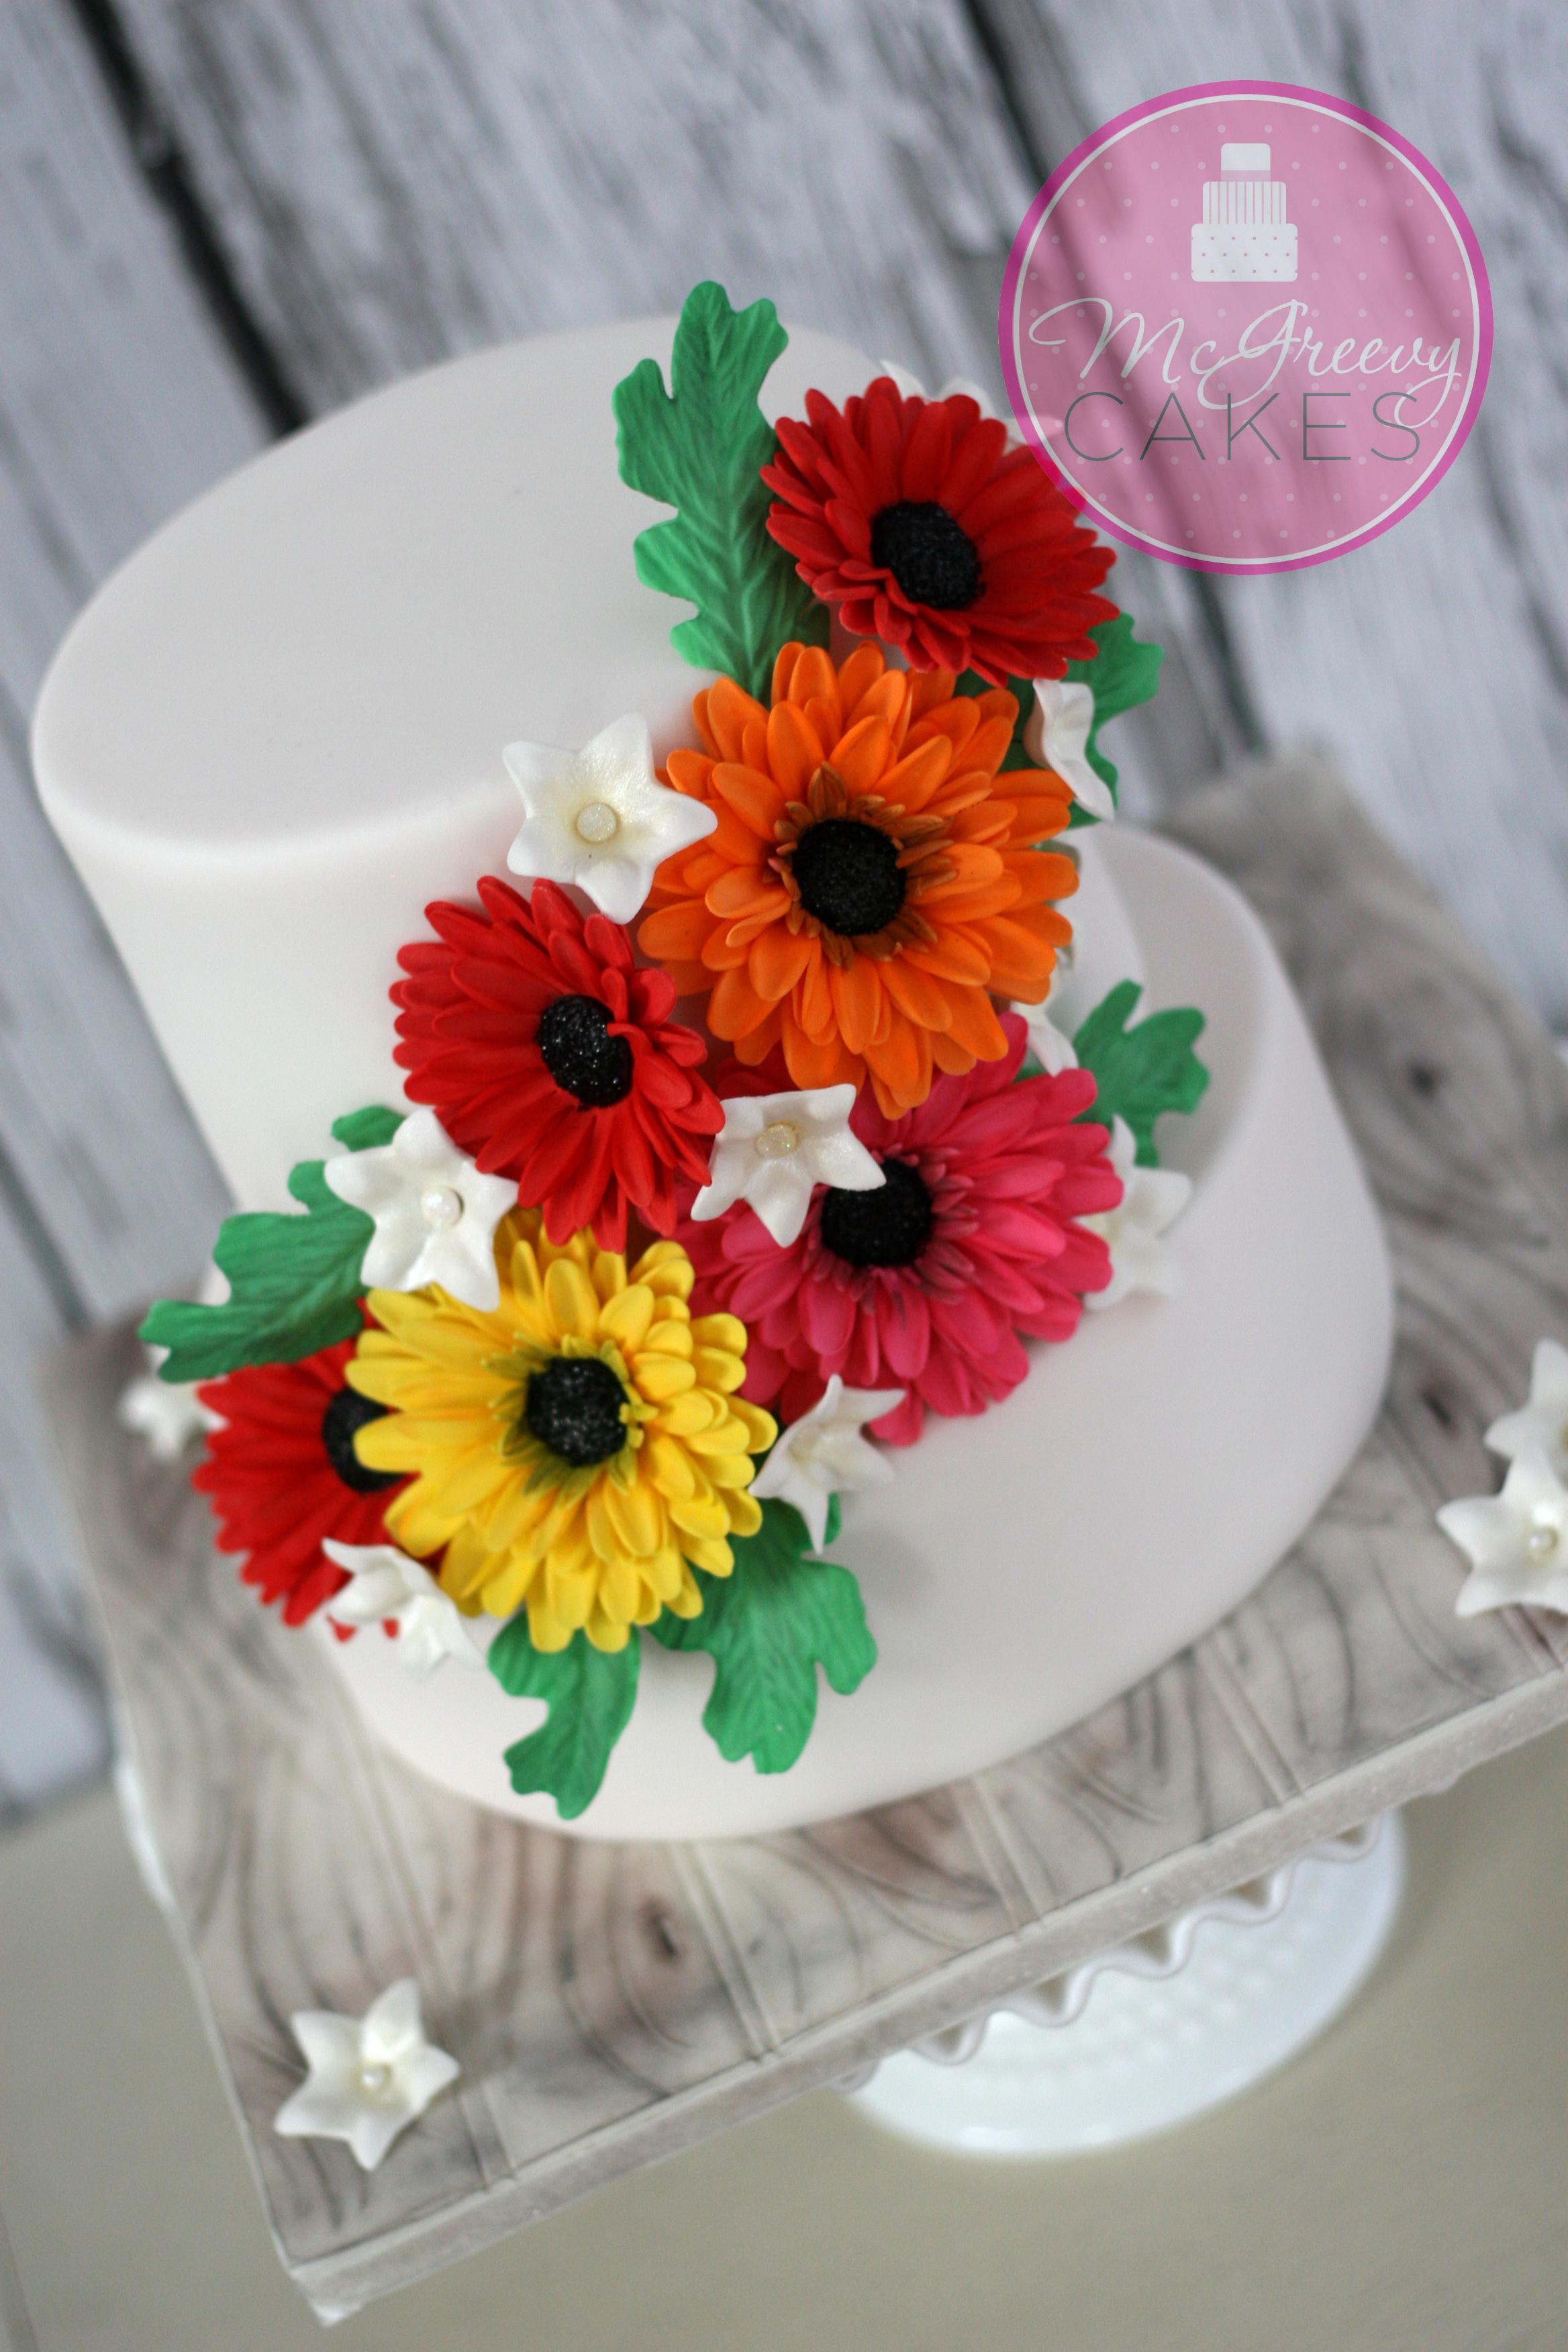 Anniversary Cake with Daisies